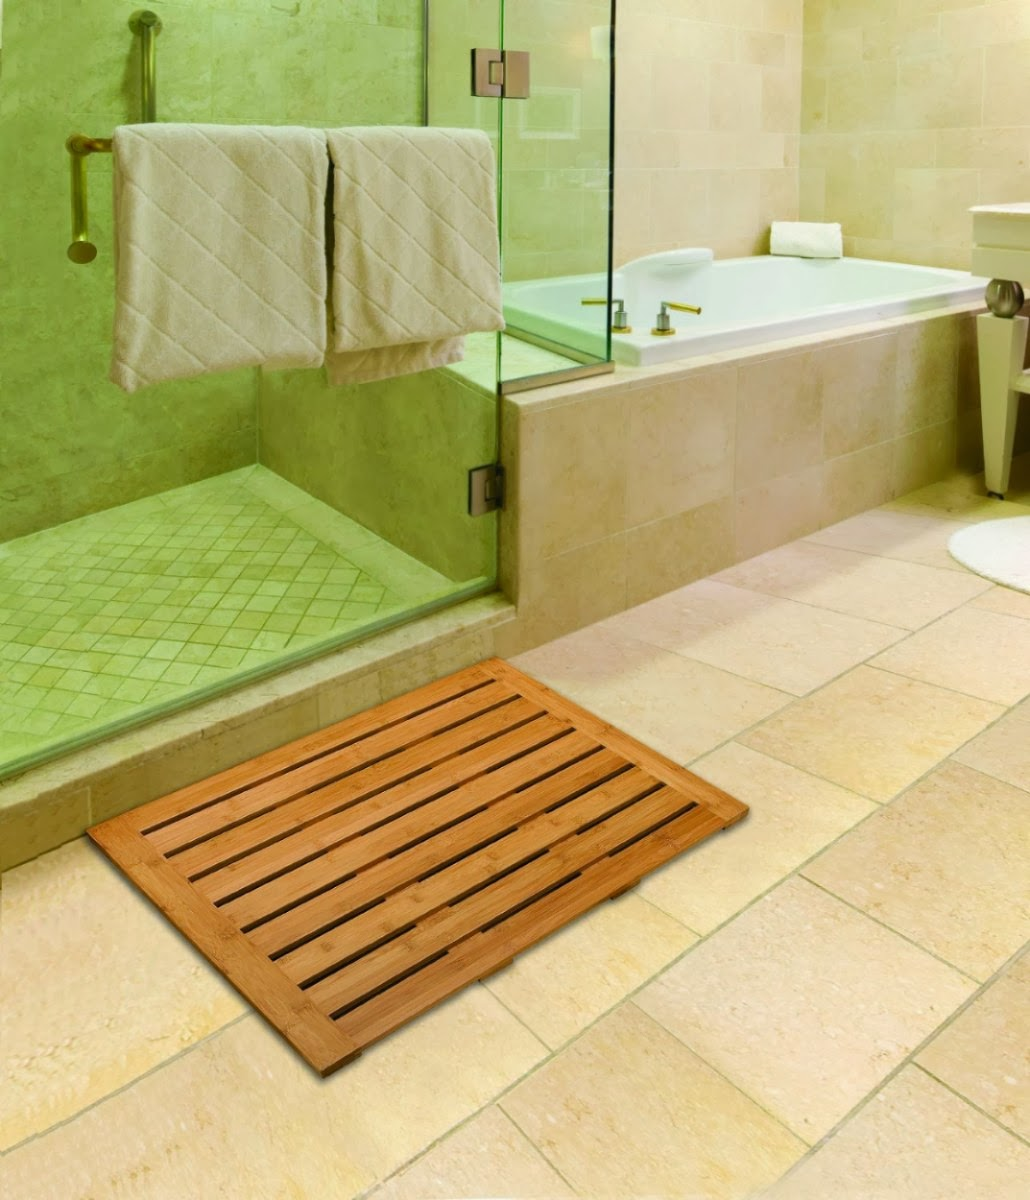 Puertas De Fuelle Para Un Baño:Tapetes-Madera-Para-Salida-De-Bao-Tarimas-Ducha-Teca-Ipe